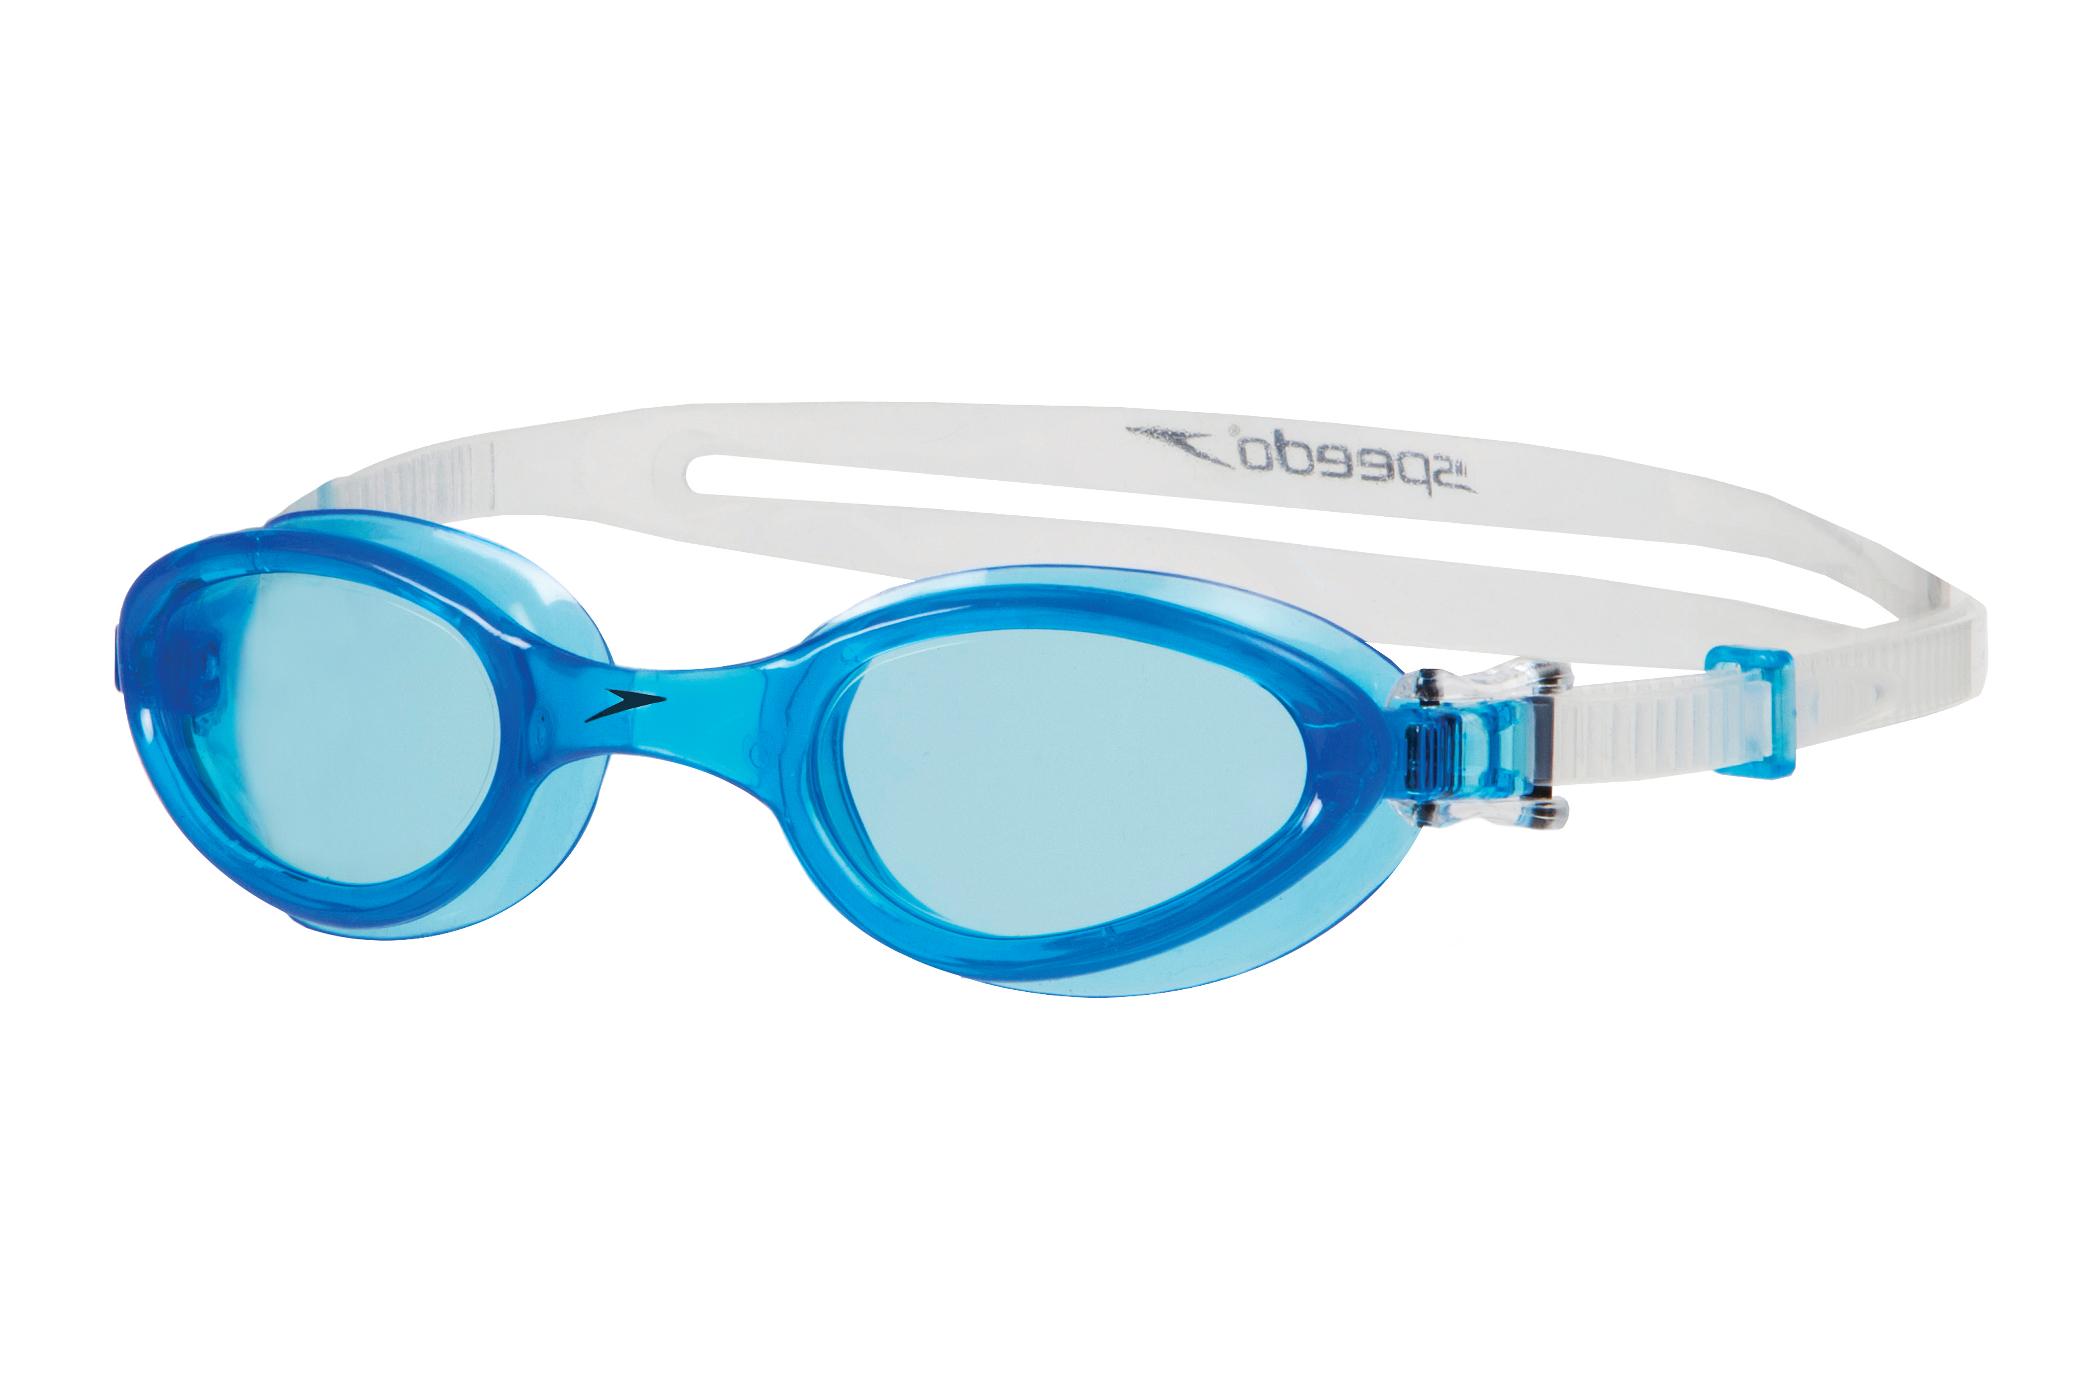 Speedo fastskin3 elite mirror lunettes de natation for Lunette piscine